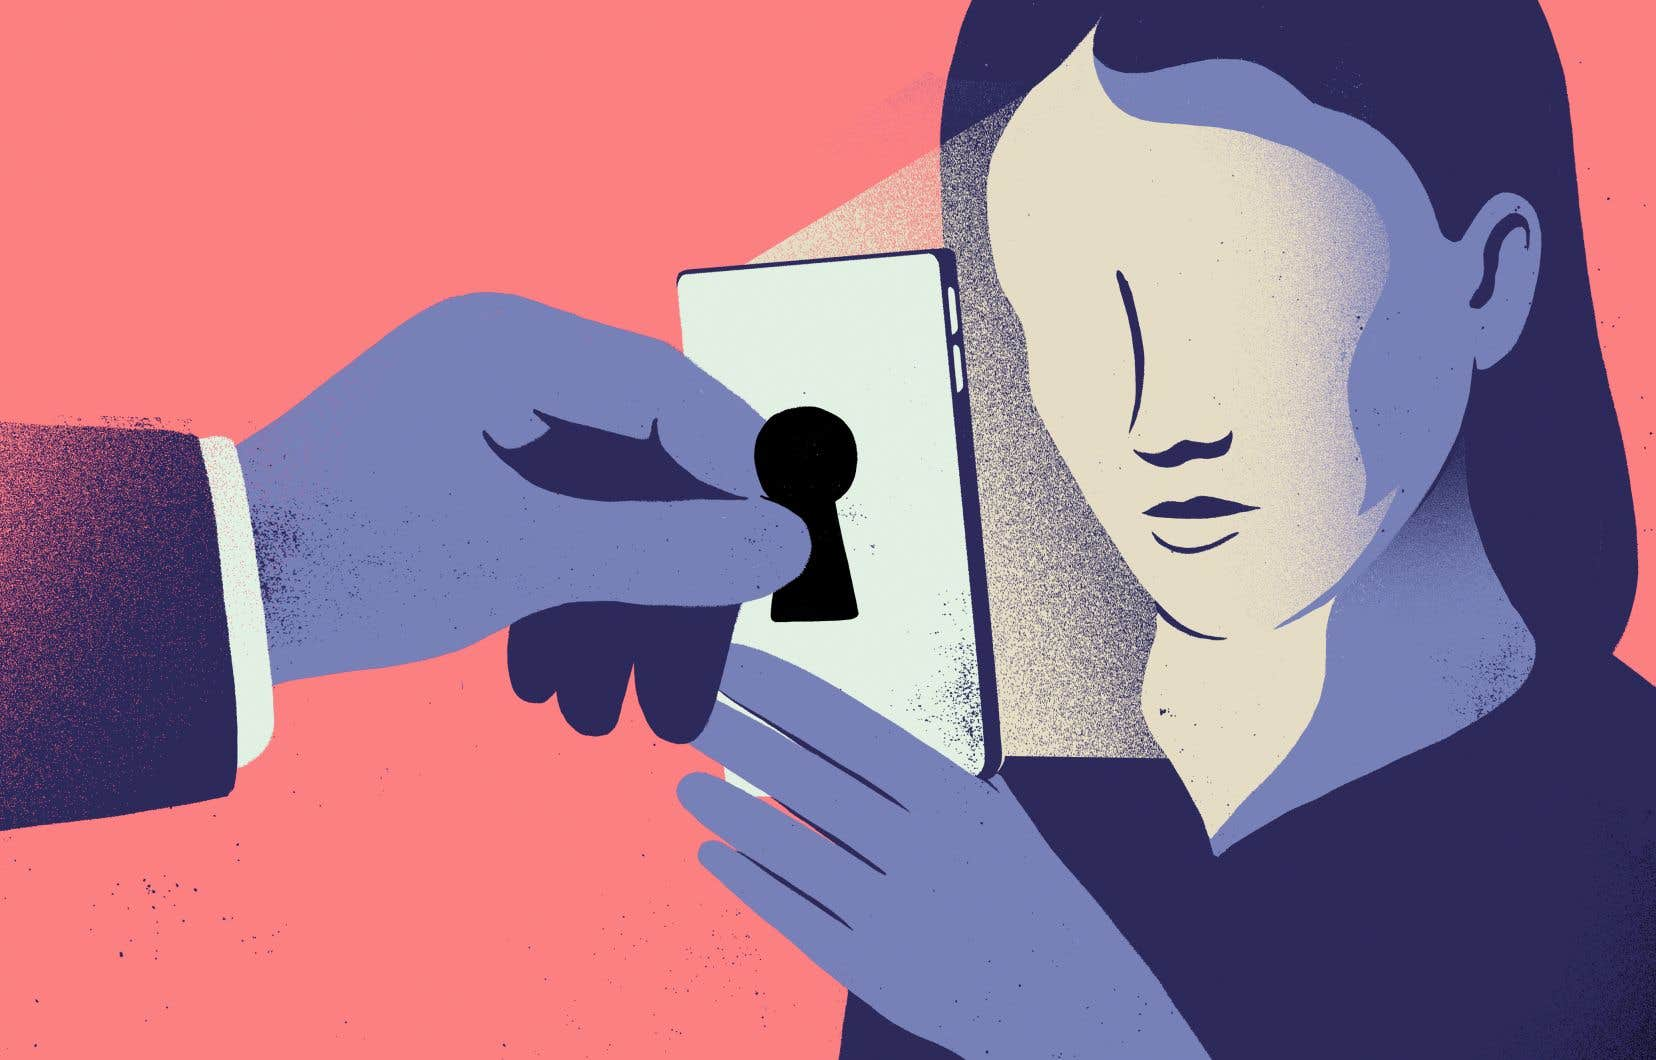 Les données personnelles sont devenues une denrée commerciale dans l'économie numérique, avance Me ChantalBernier.